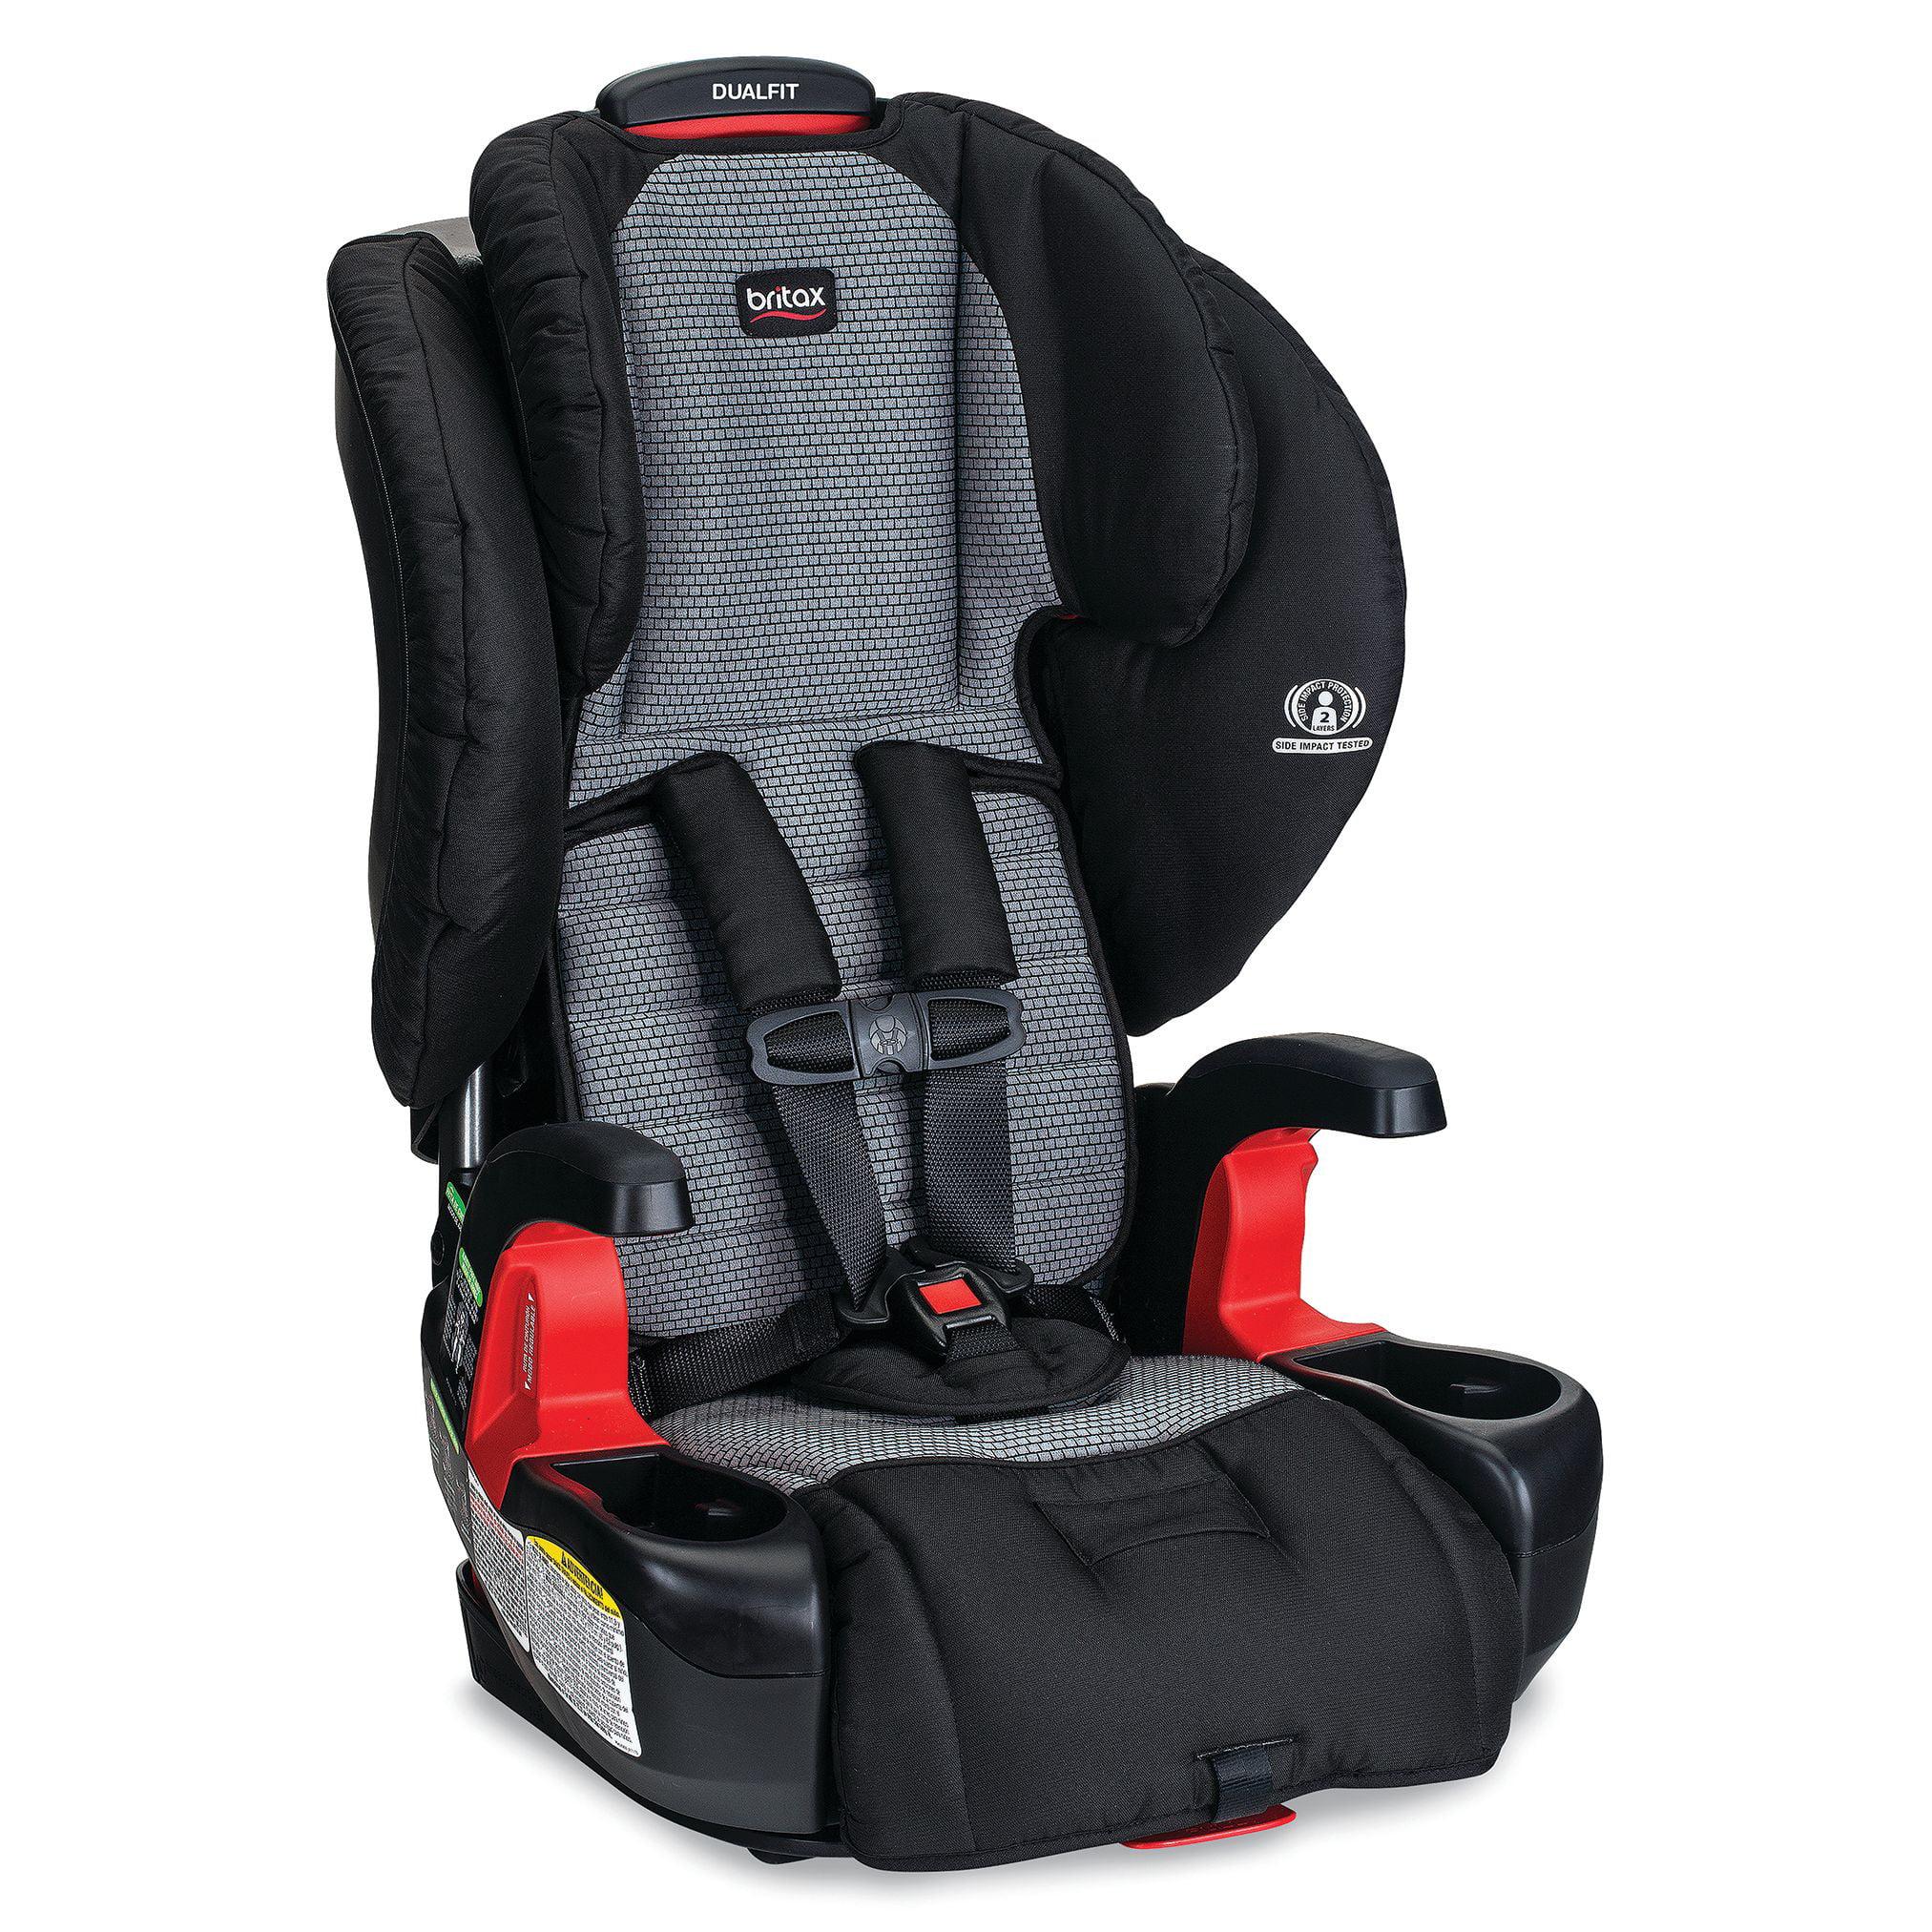 Britax DualFit Harness-2-Booster Car Seat, Berkshire